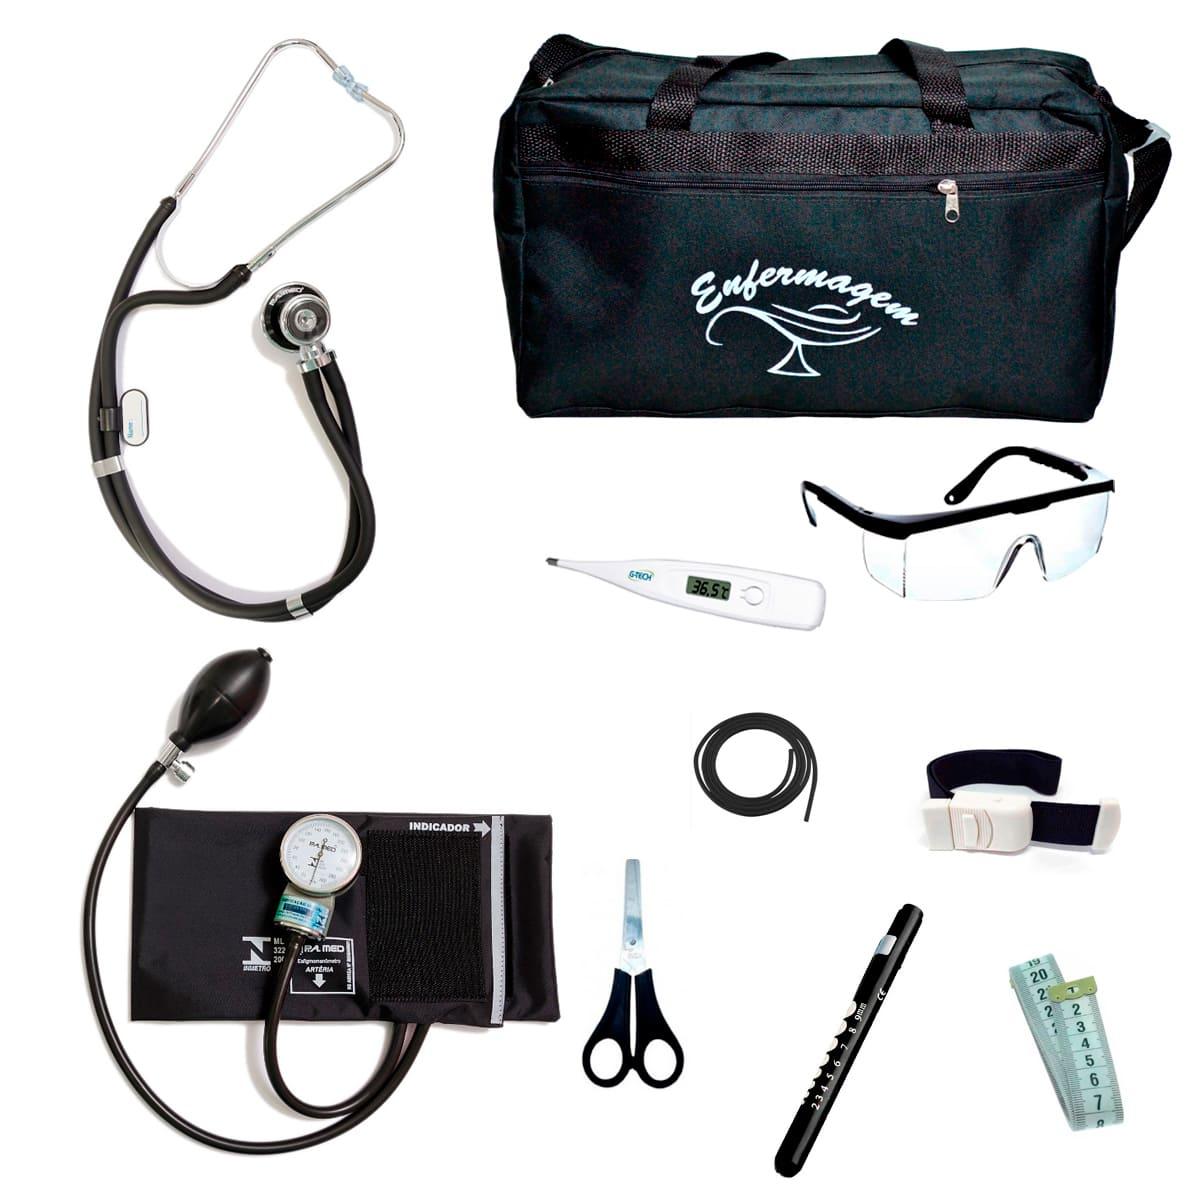 Kit Enfermagem mod.18 Aparelho de Pressão P.A.MED Cor:Preto Bolsa:Tipo 2